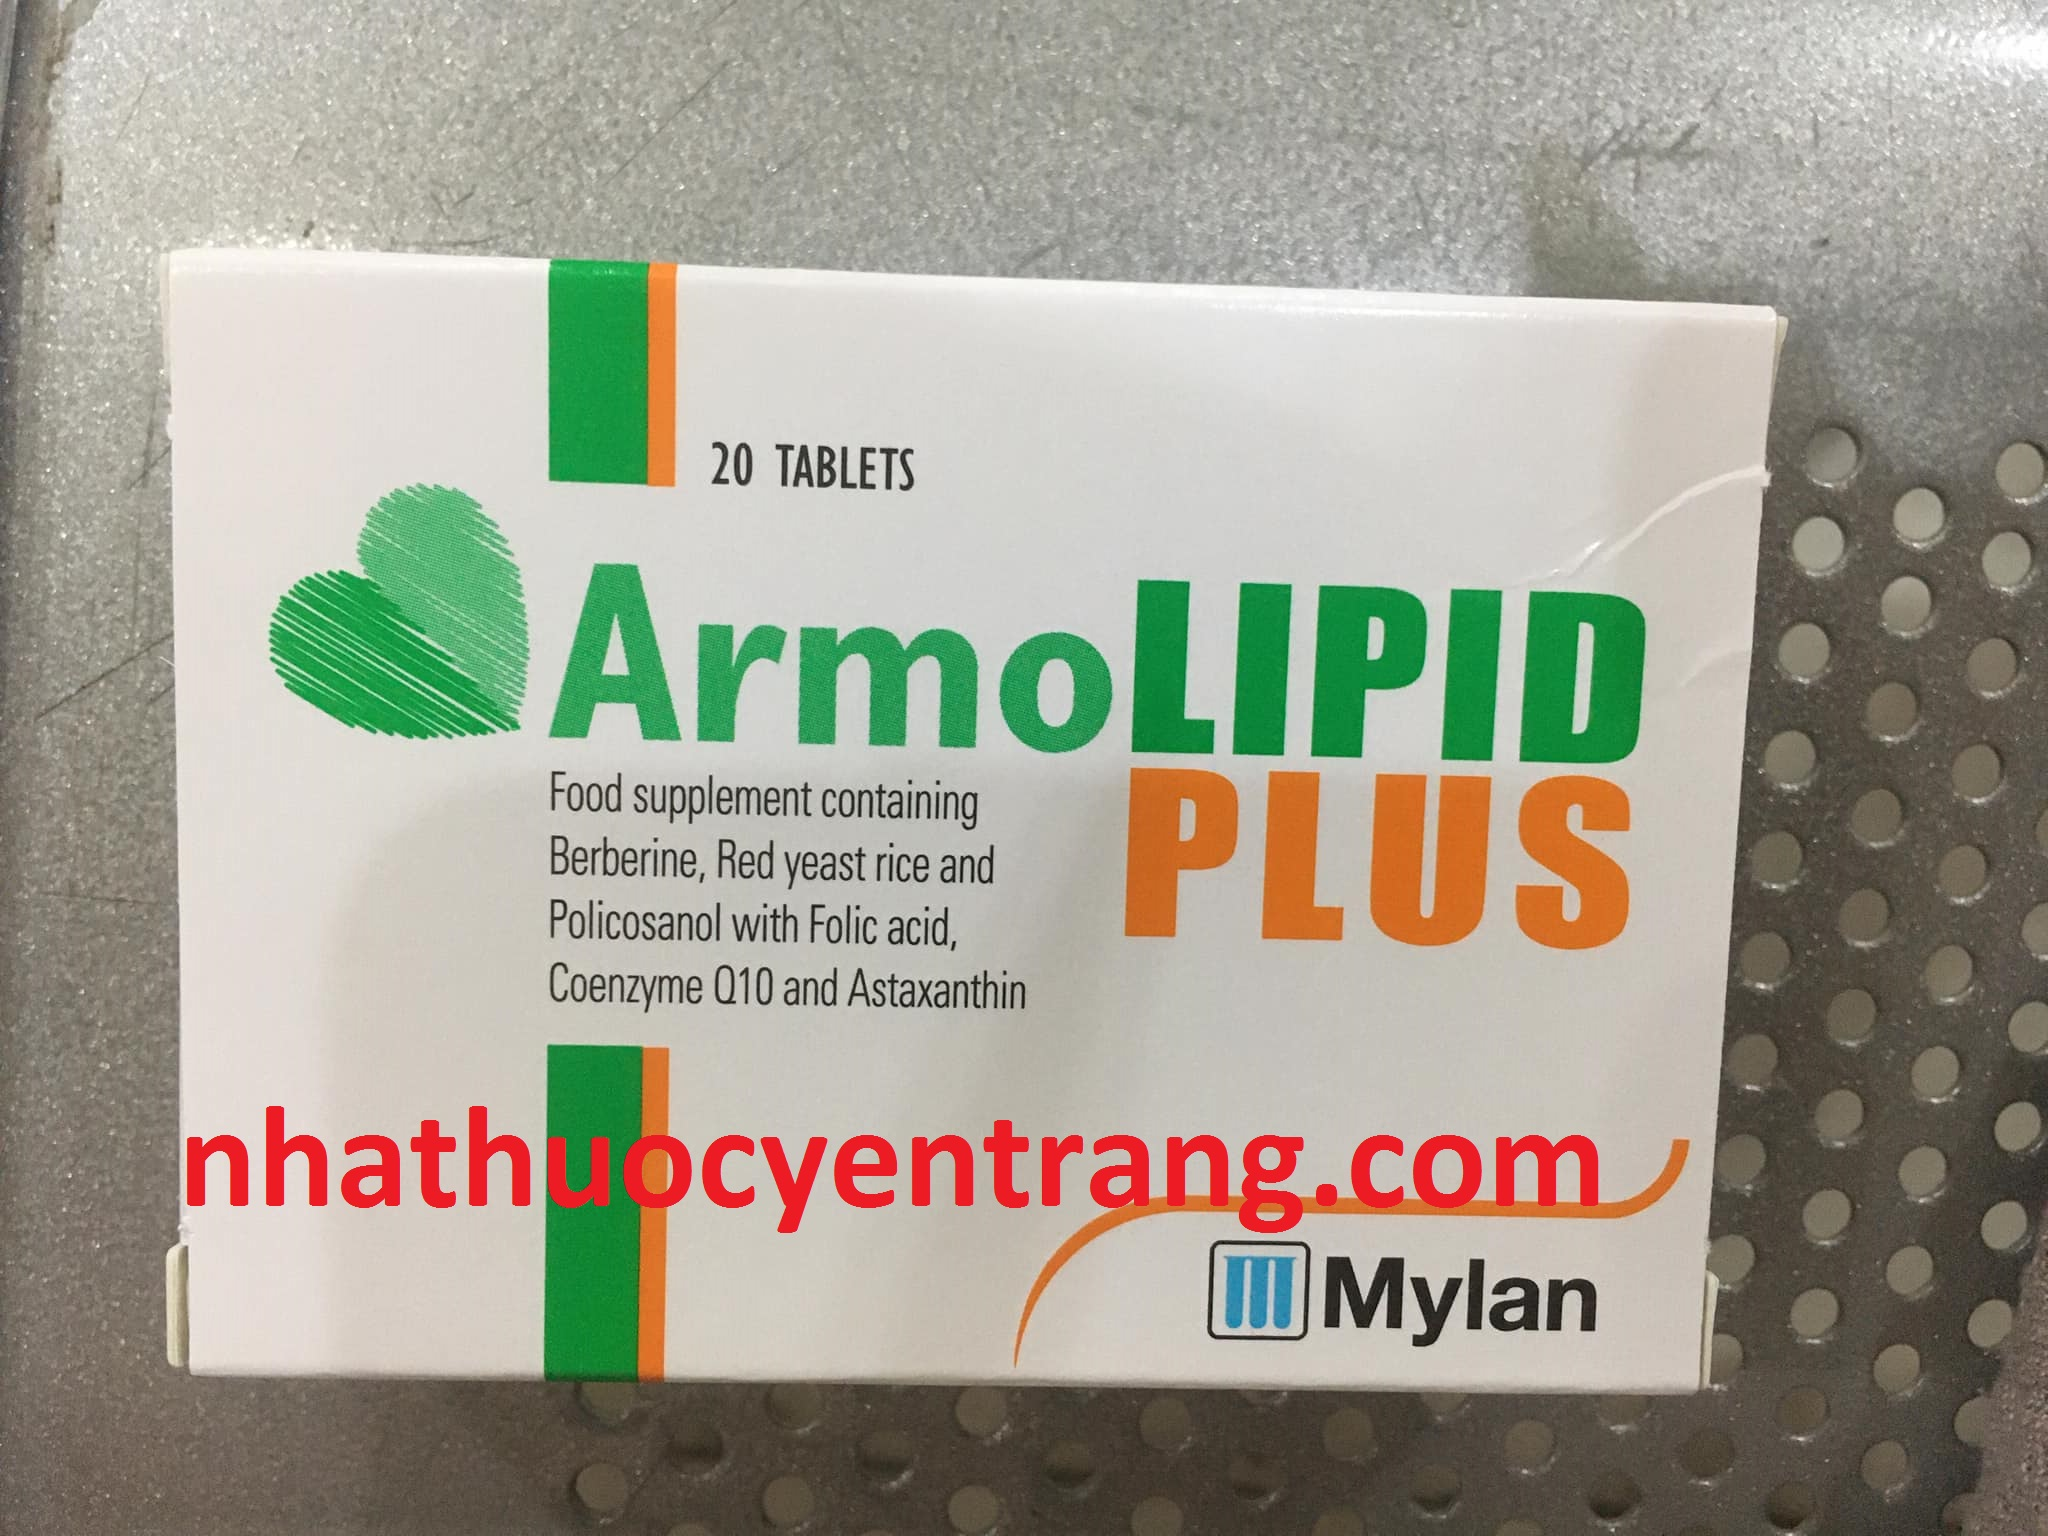 Armolipid